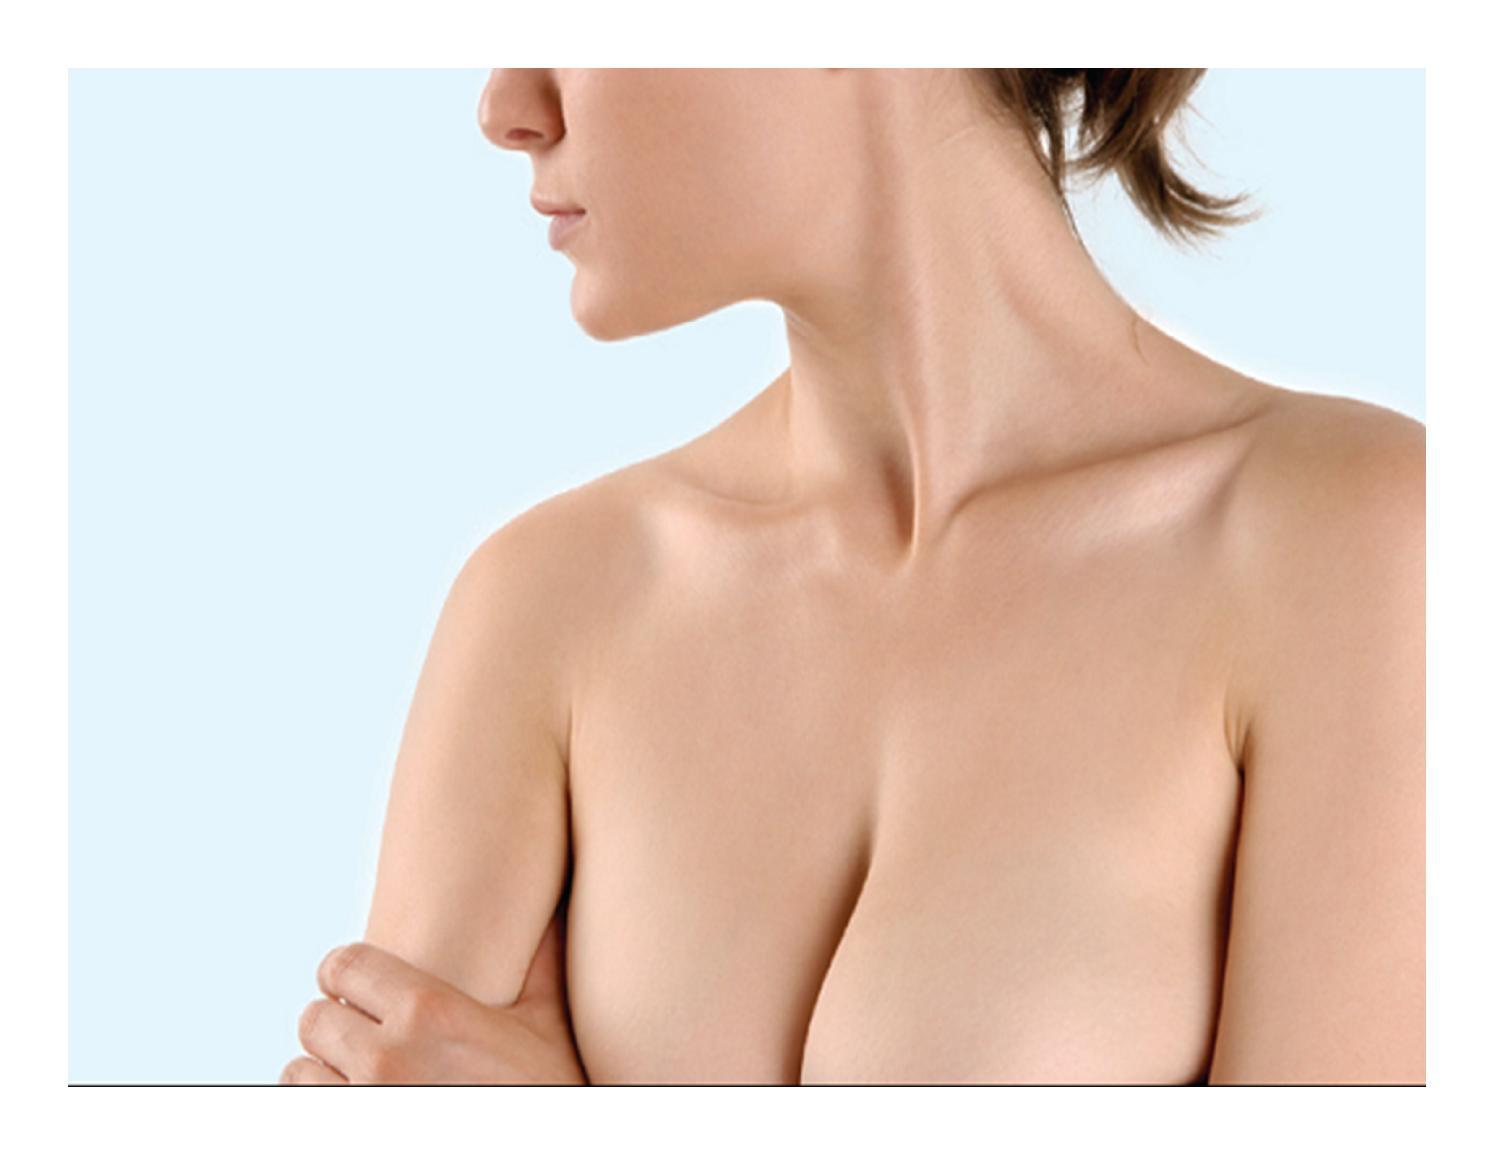 Формы груди в фото 17 фотография